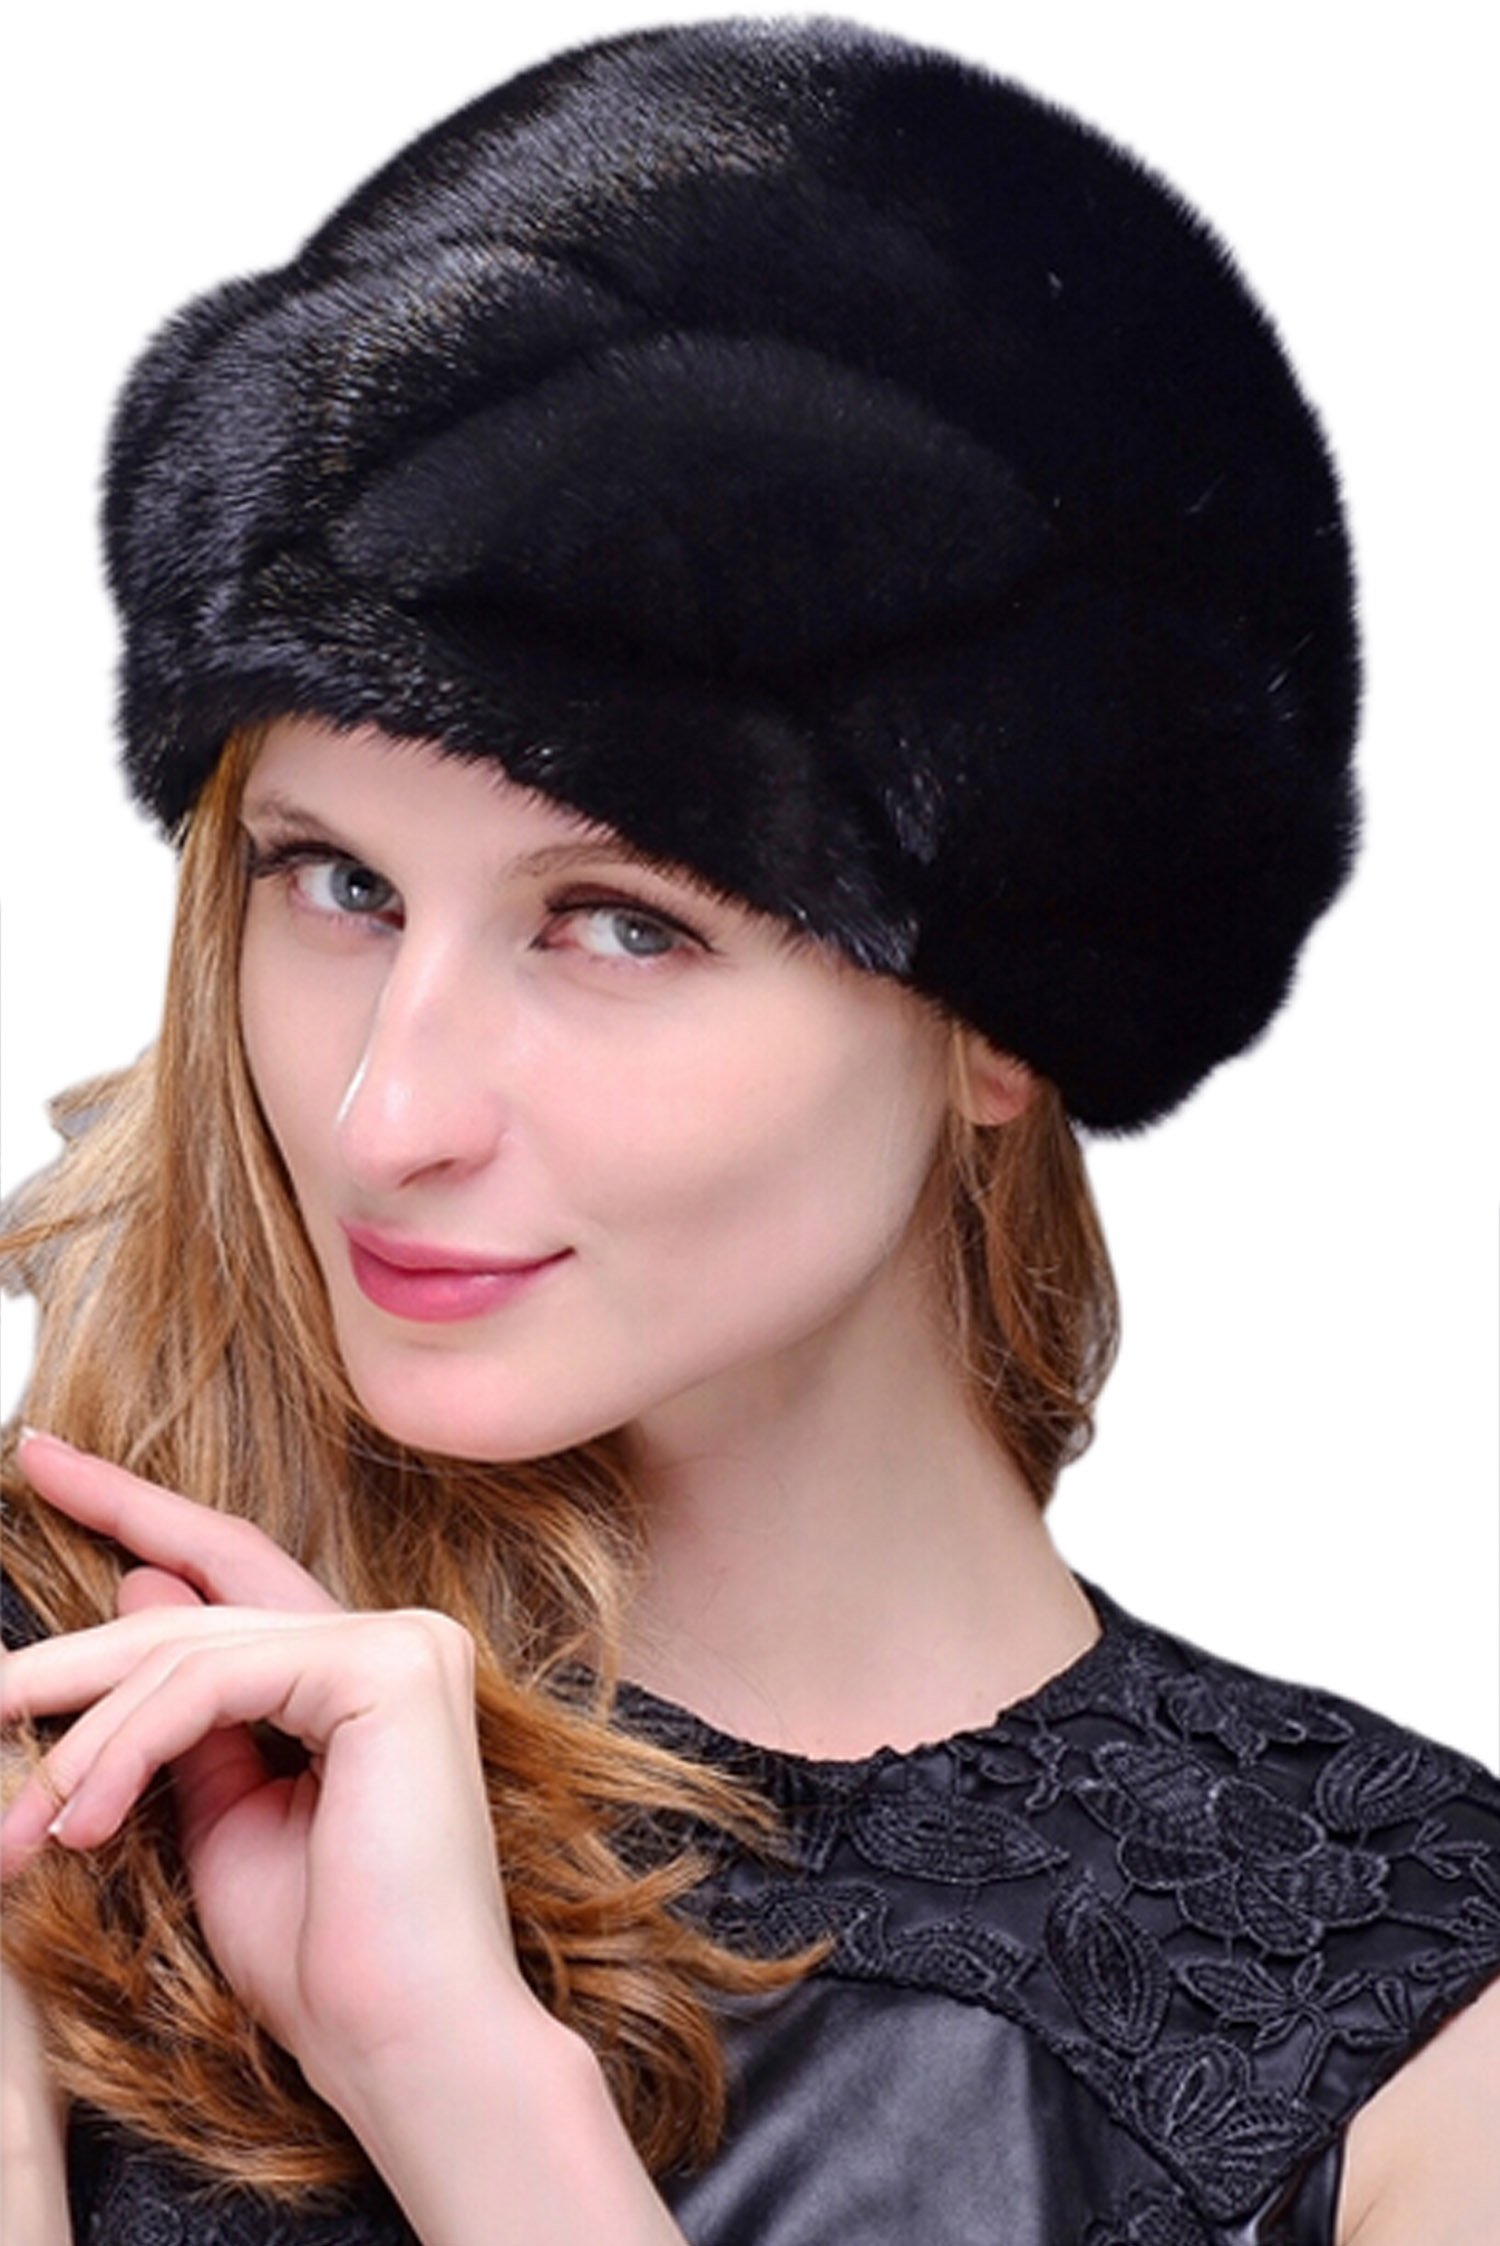 Easting Whole Set of Mink Fur Hat For Women New Designer (Black)